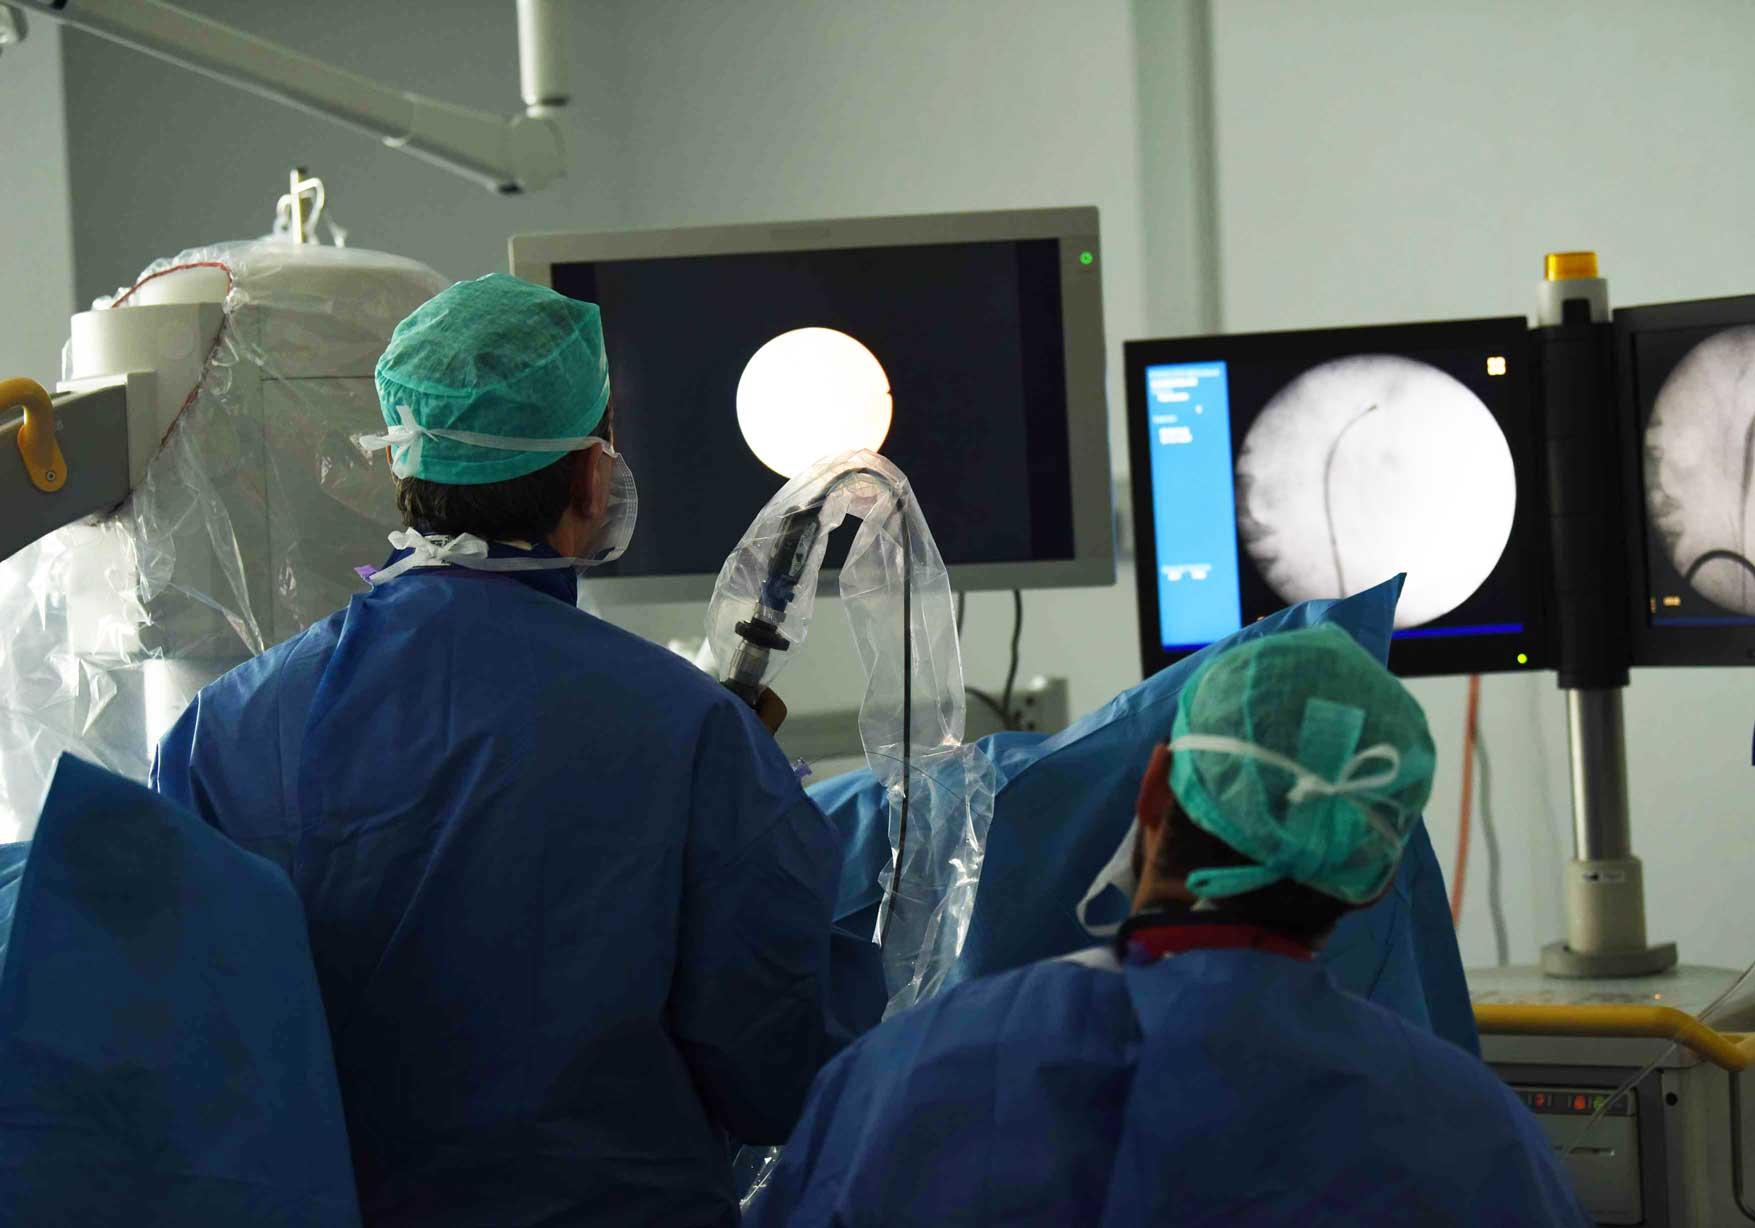 intervention-chirurgie-endoscopique-ureteroscopie-1